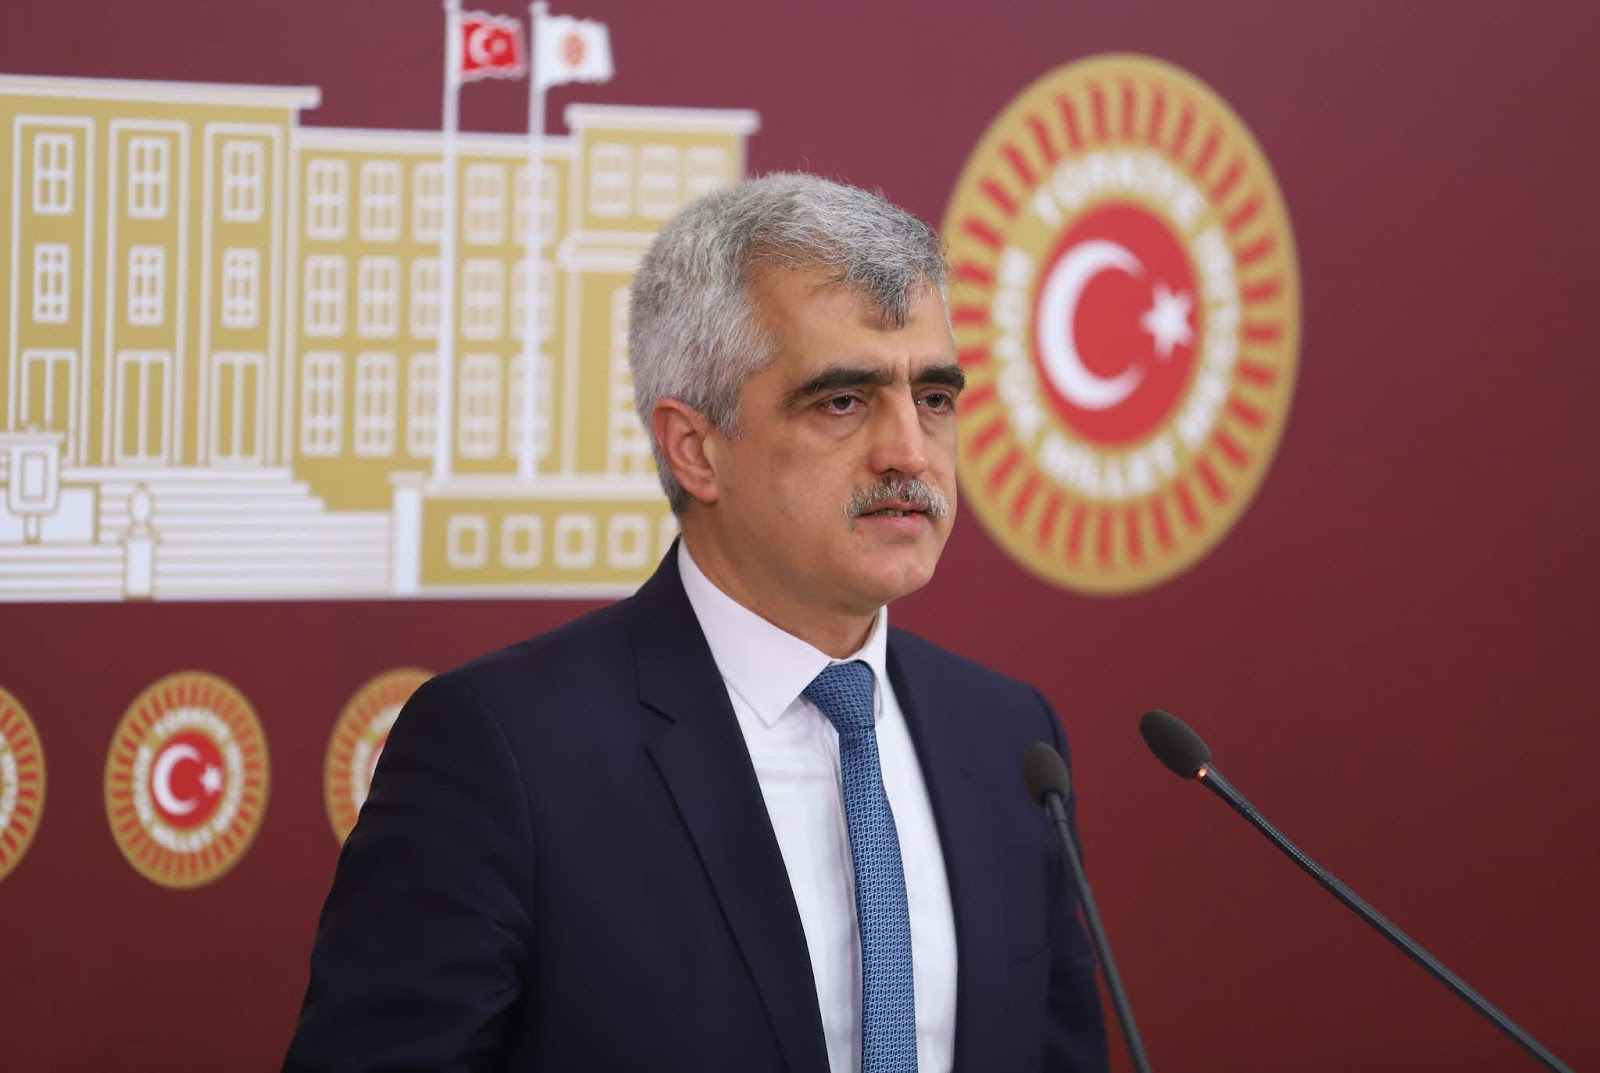 Son dakika | Anayasa Mahkemesinden HDP'li Ömer Faruk Gergerlioğlu kararı